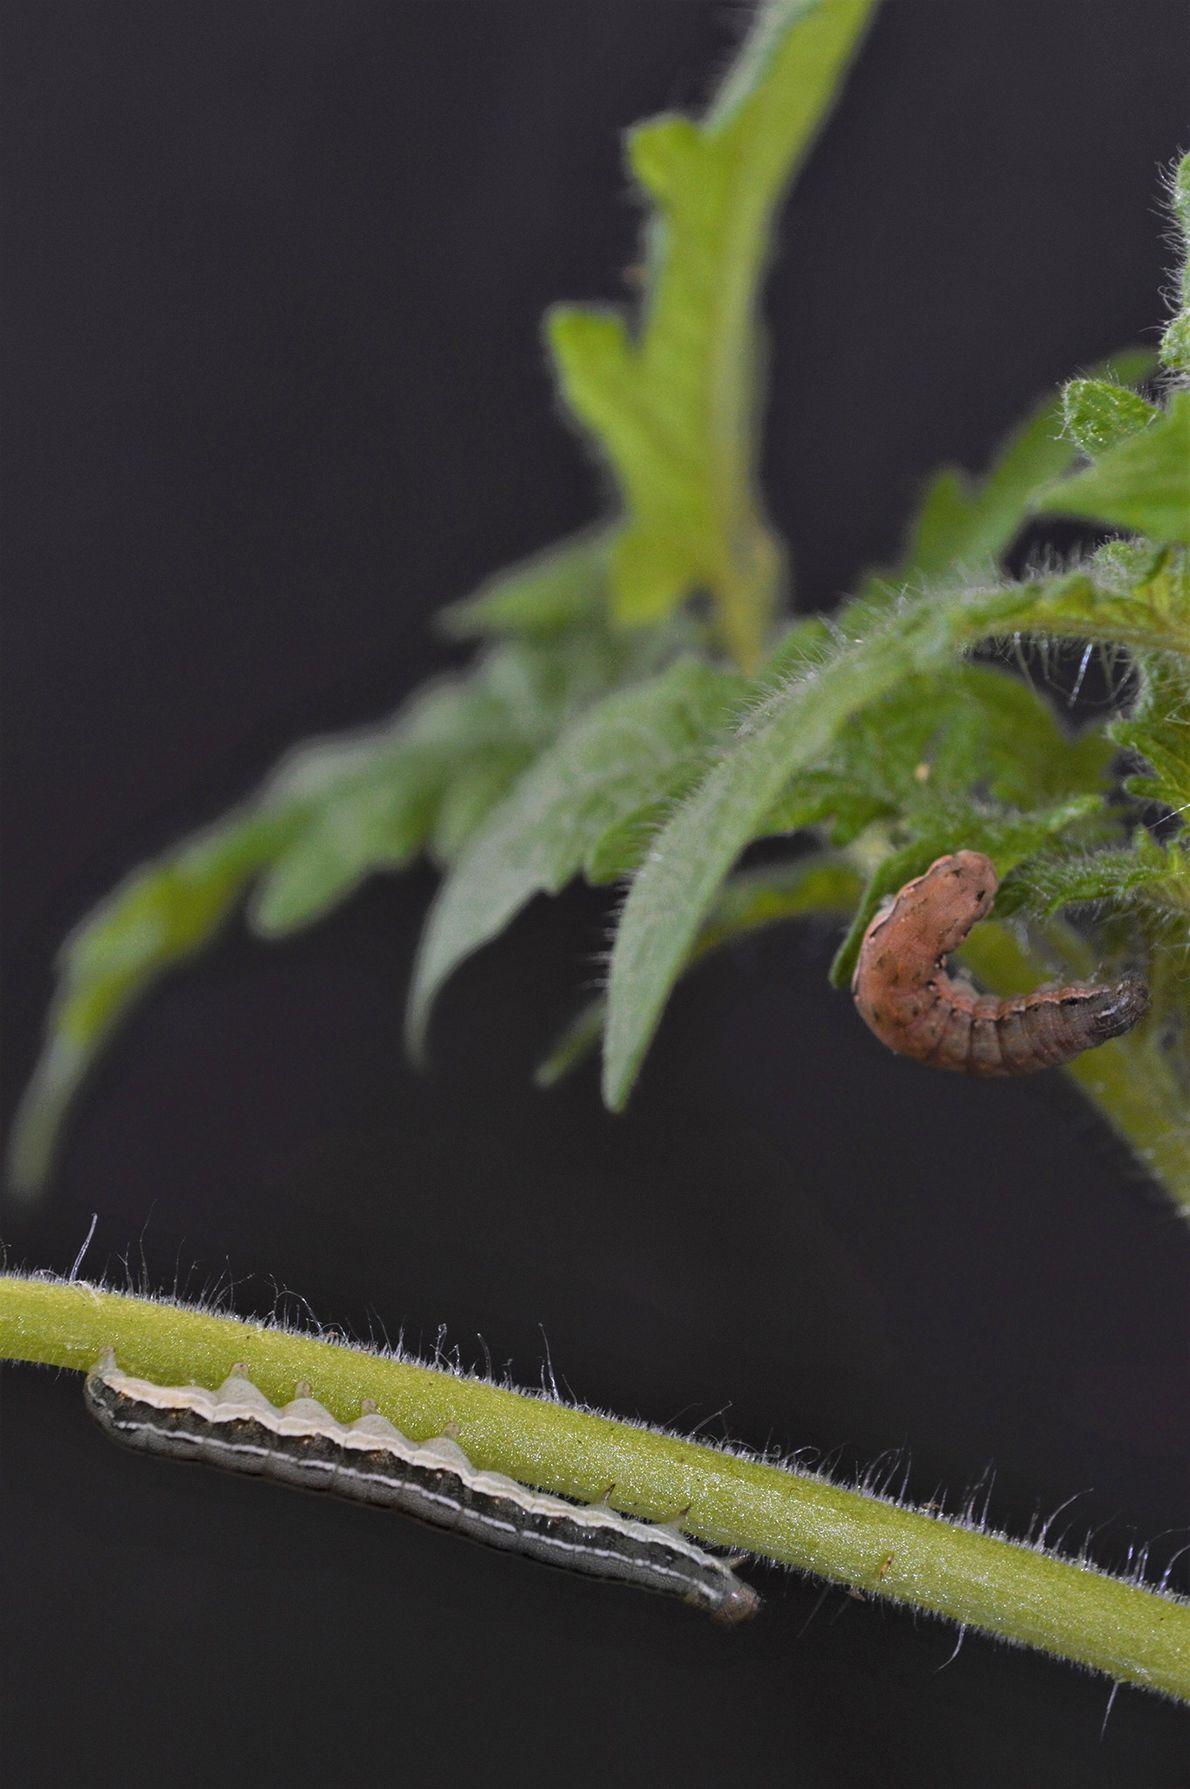 Selbstschutz: Pflanzen machen Raupen zu Kannibalen